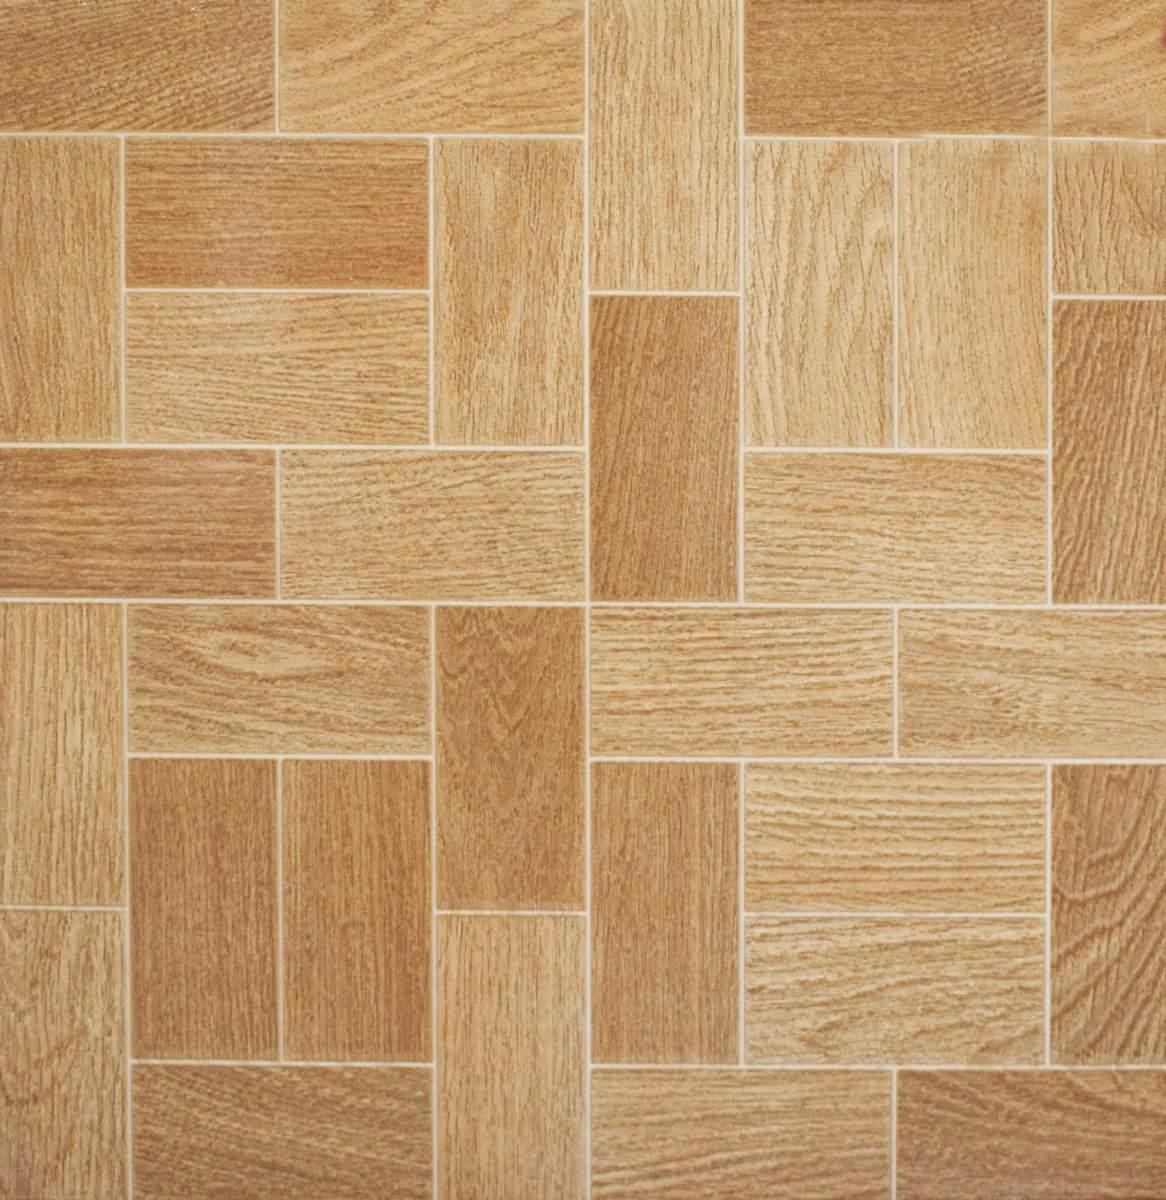 Piso de cer mica cambara simil madera 43x43 cer micas for Ceramicas castro